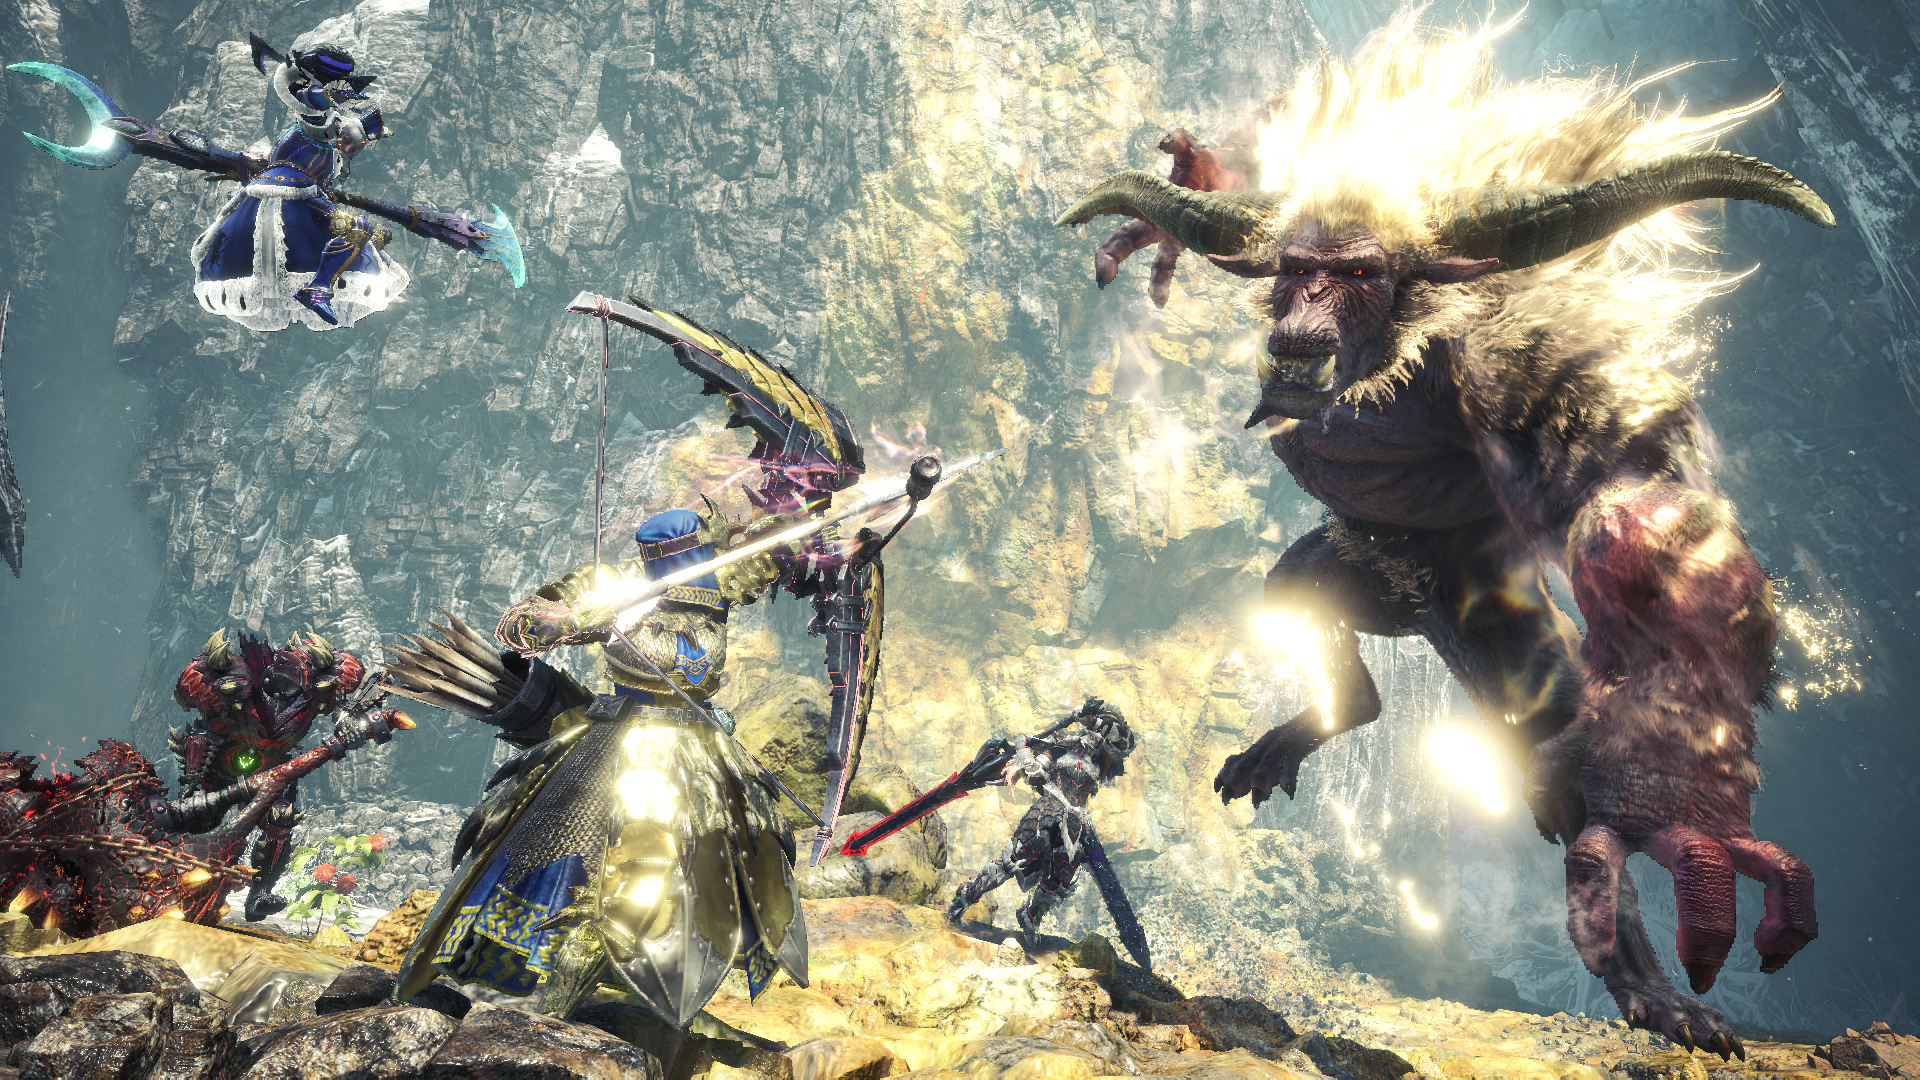 Monster Hunter World: Iceborne - Furious Rajang fight